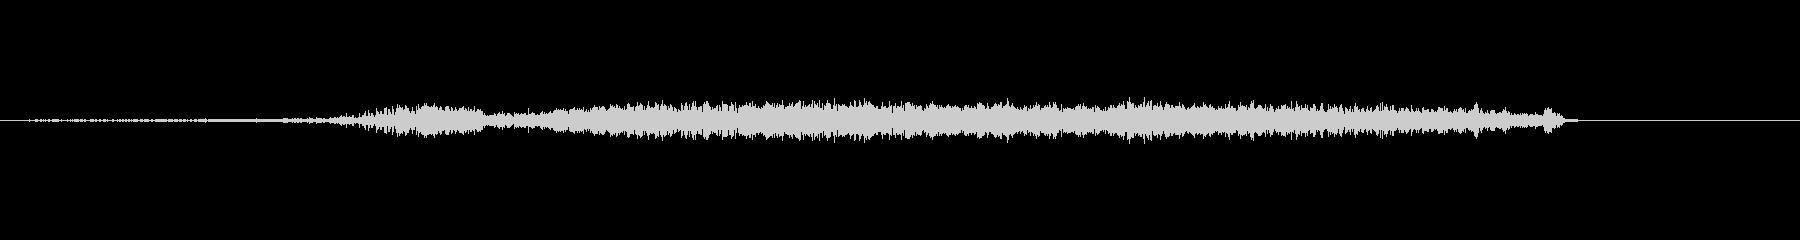 地震ランブルアース3の未再生の波形